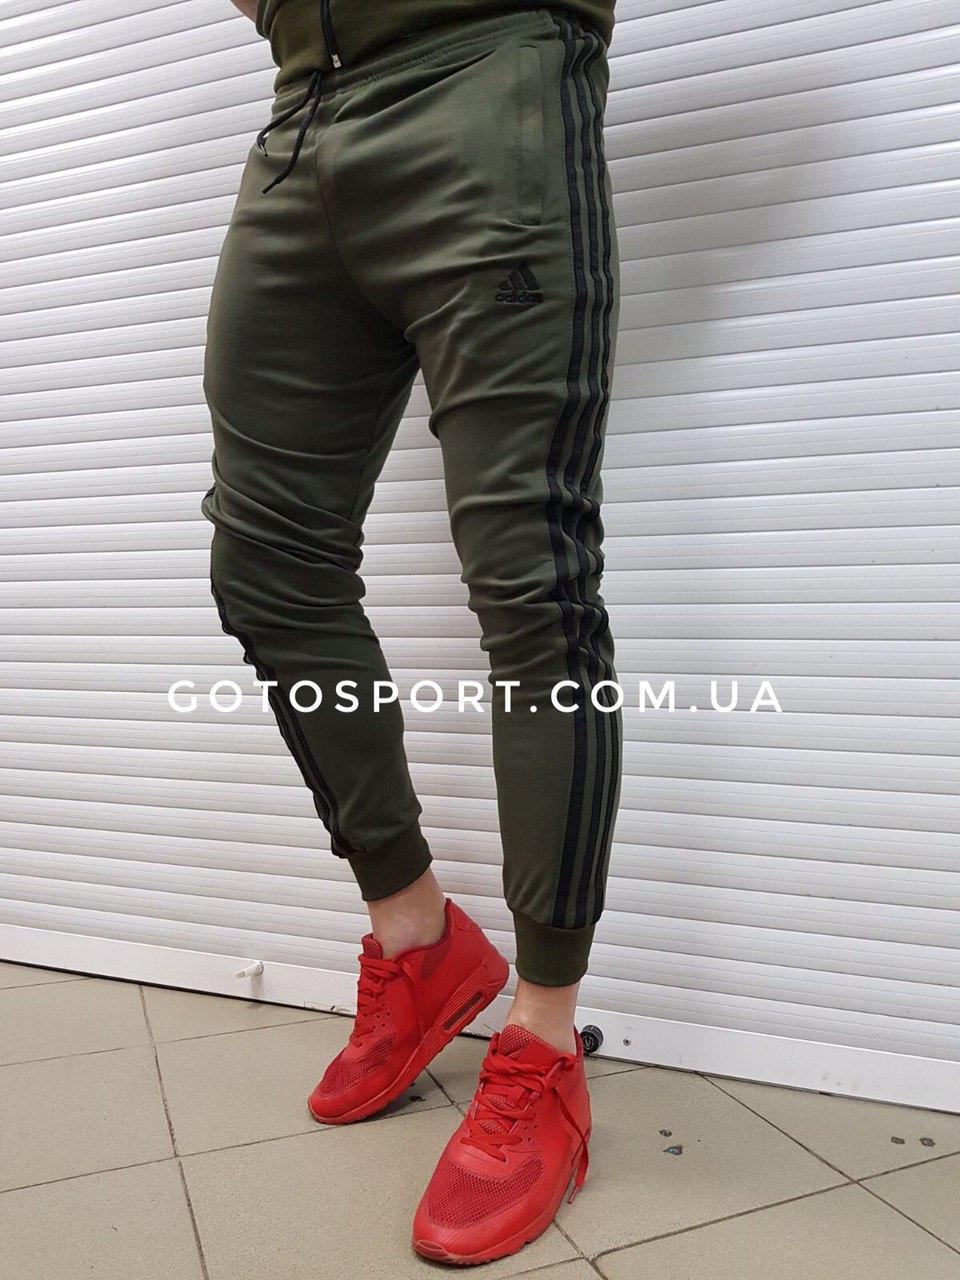 Мужские спортивные штаны Adidas Men Haki